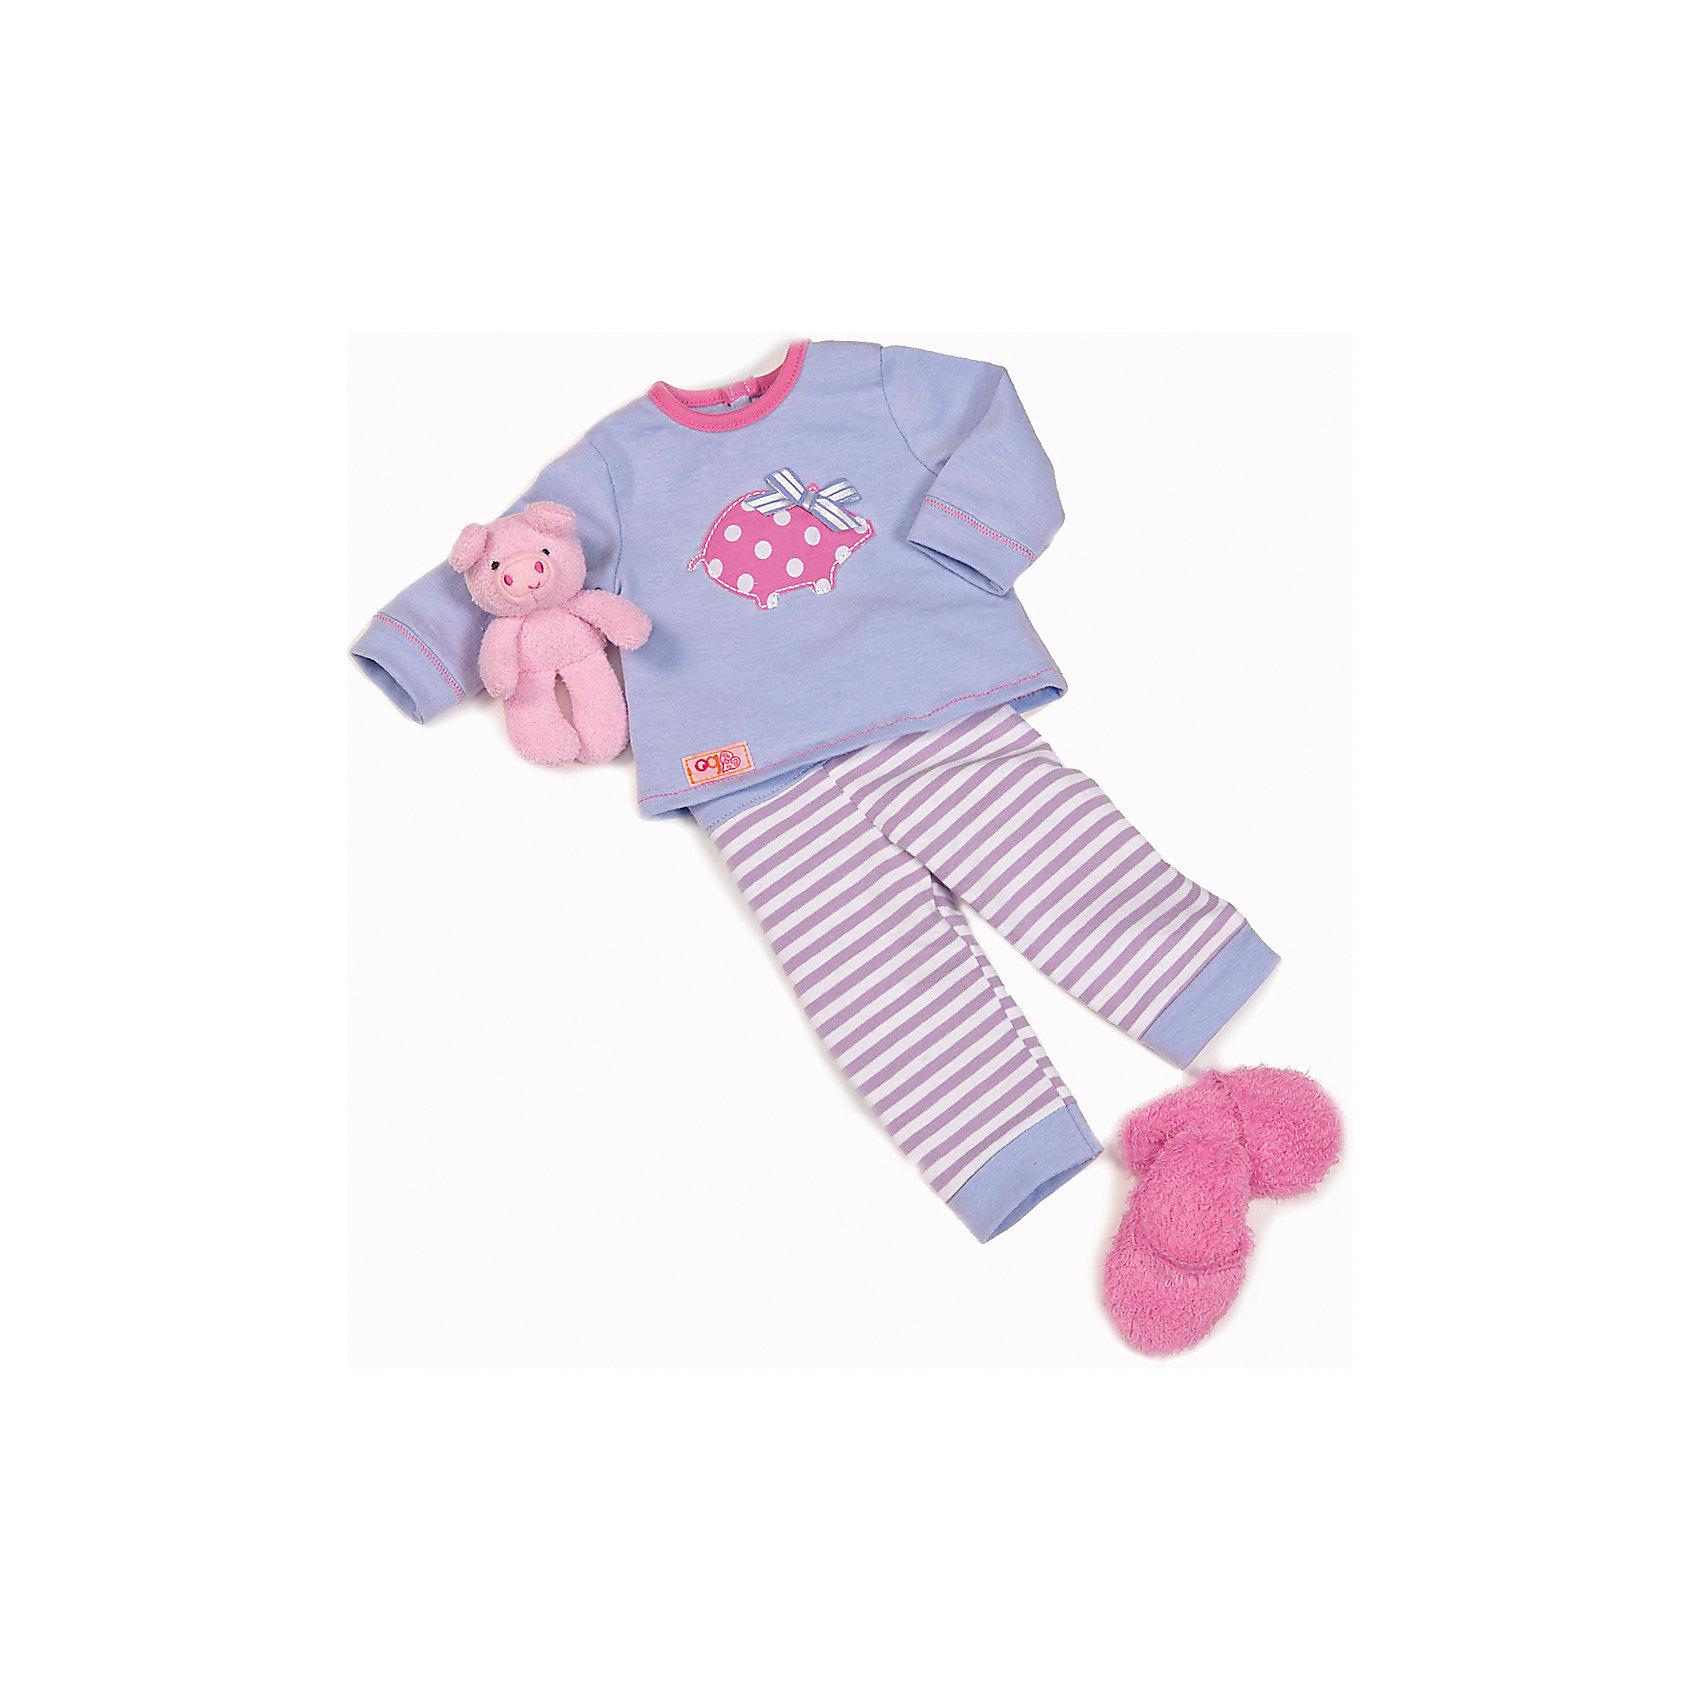 Our Generation Dolls Одежда для куклы, 46 см, Our Generation Dolls цены онлайн